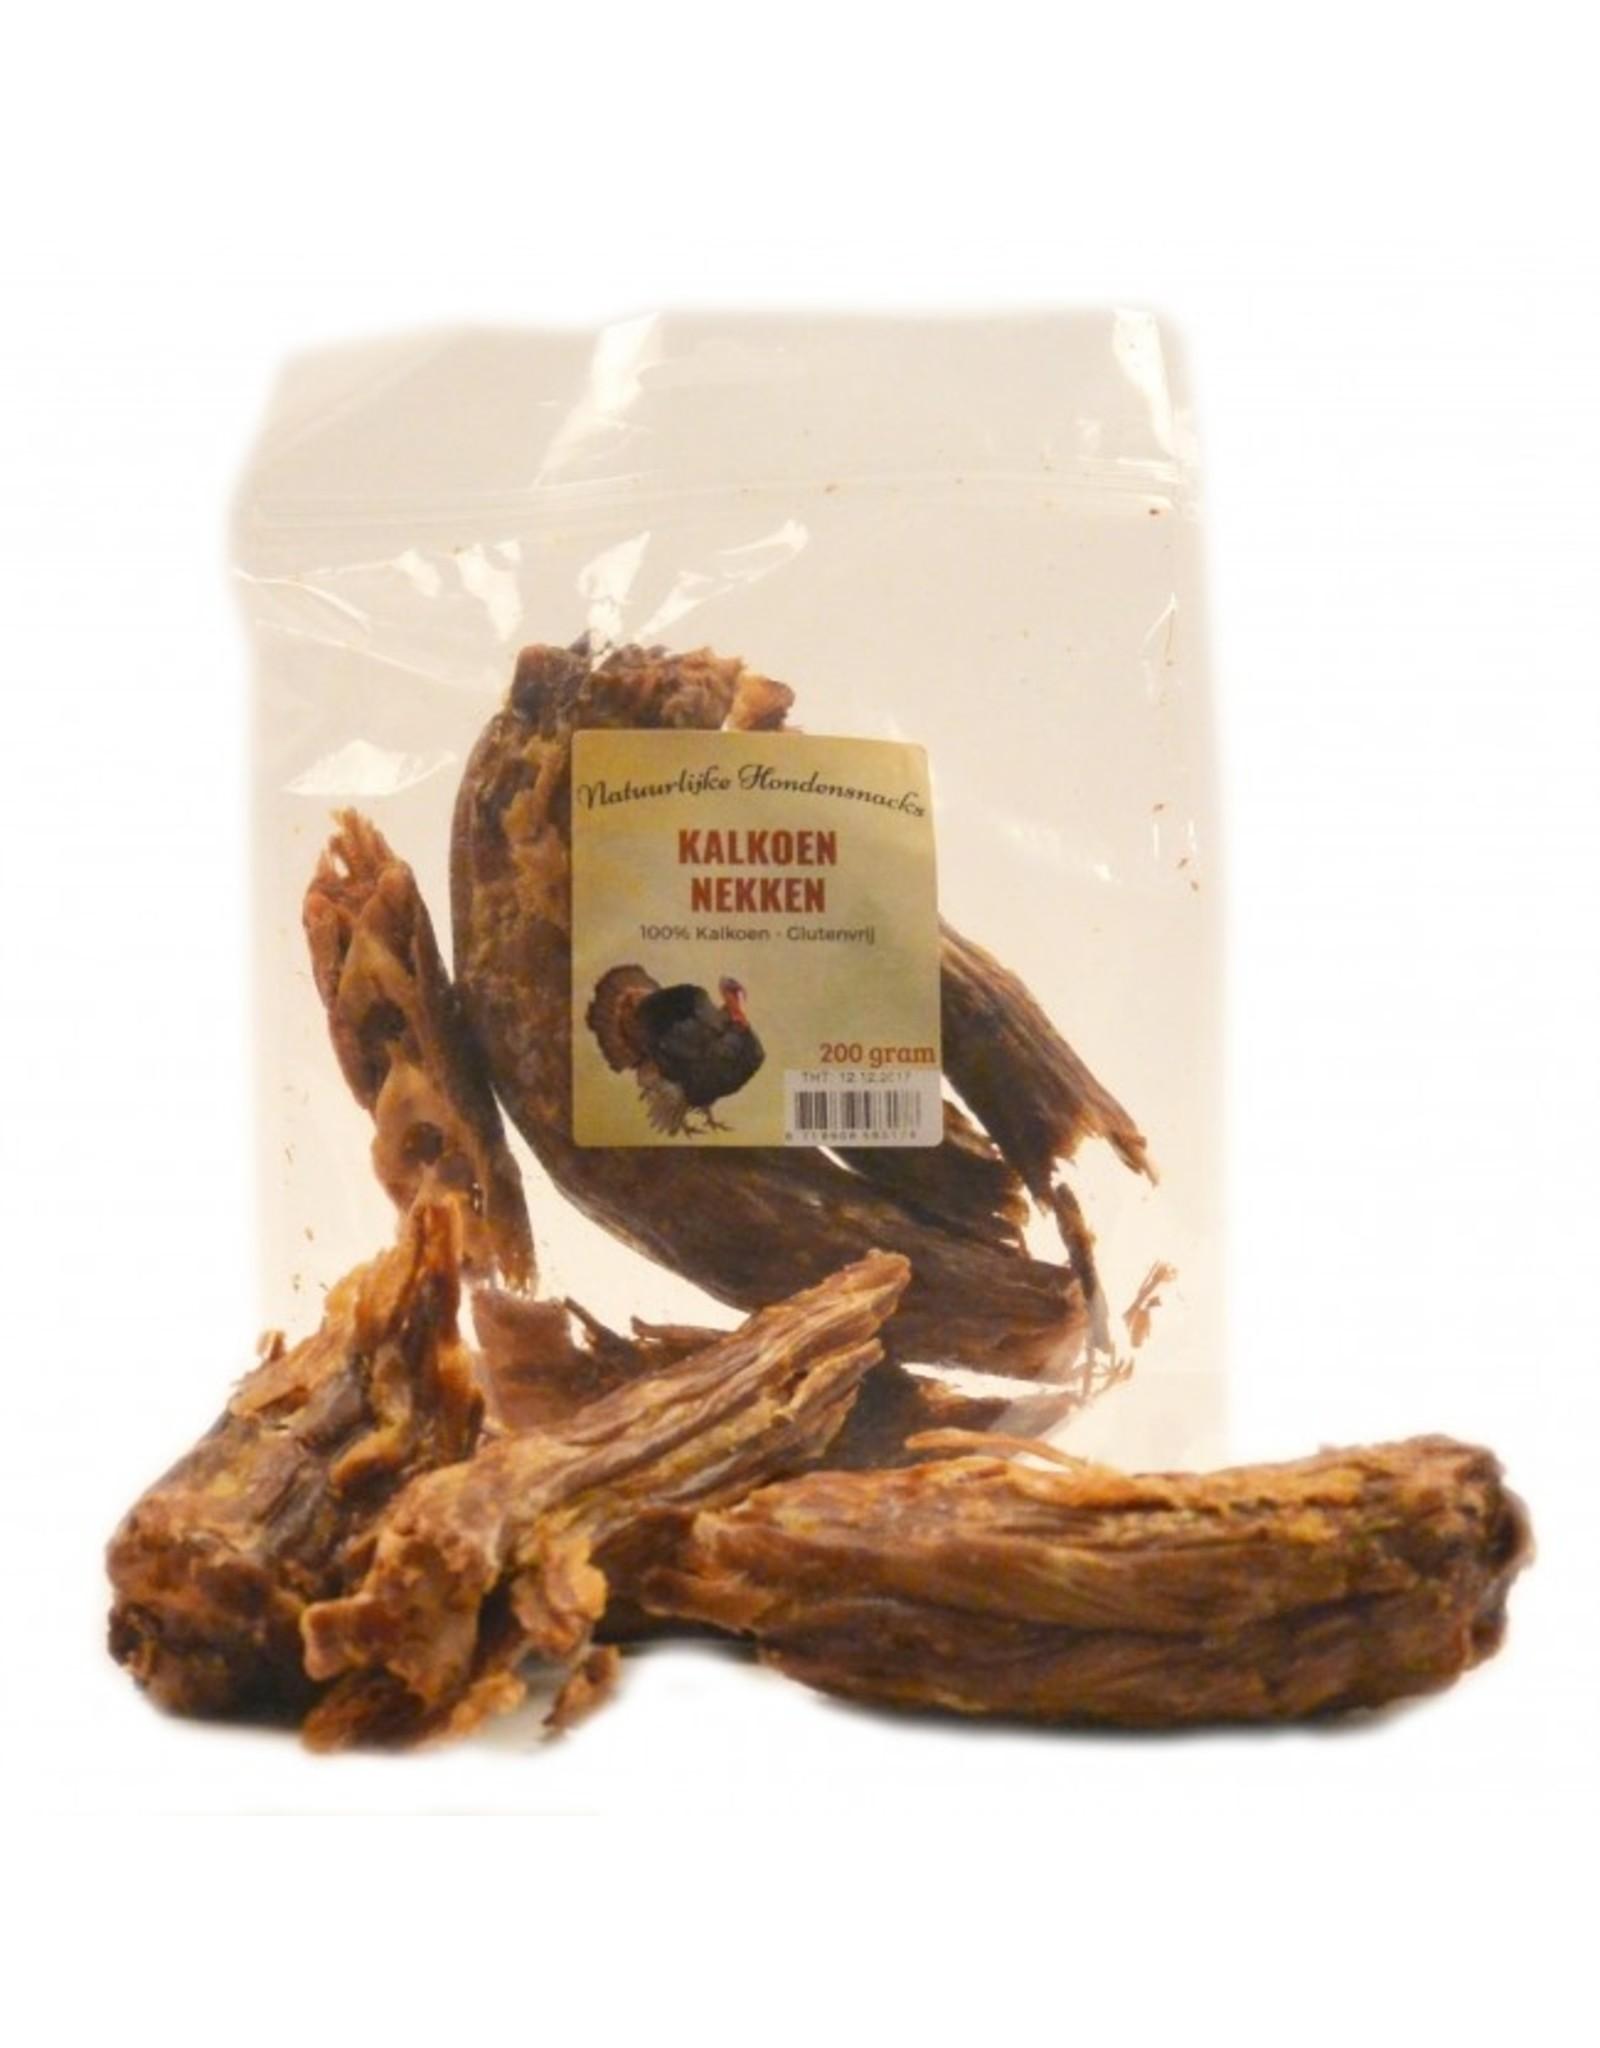 Heerlijke gedroogde Kalkoen nekken 200 gram.